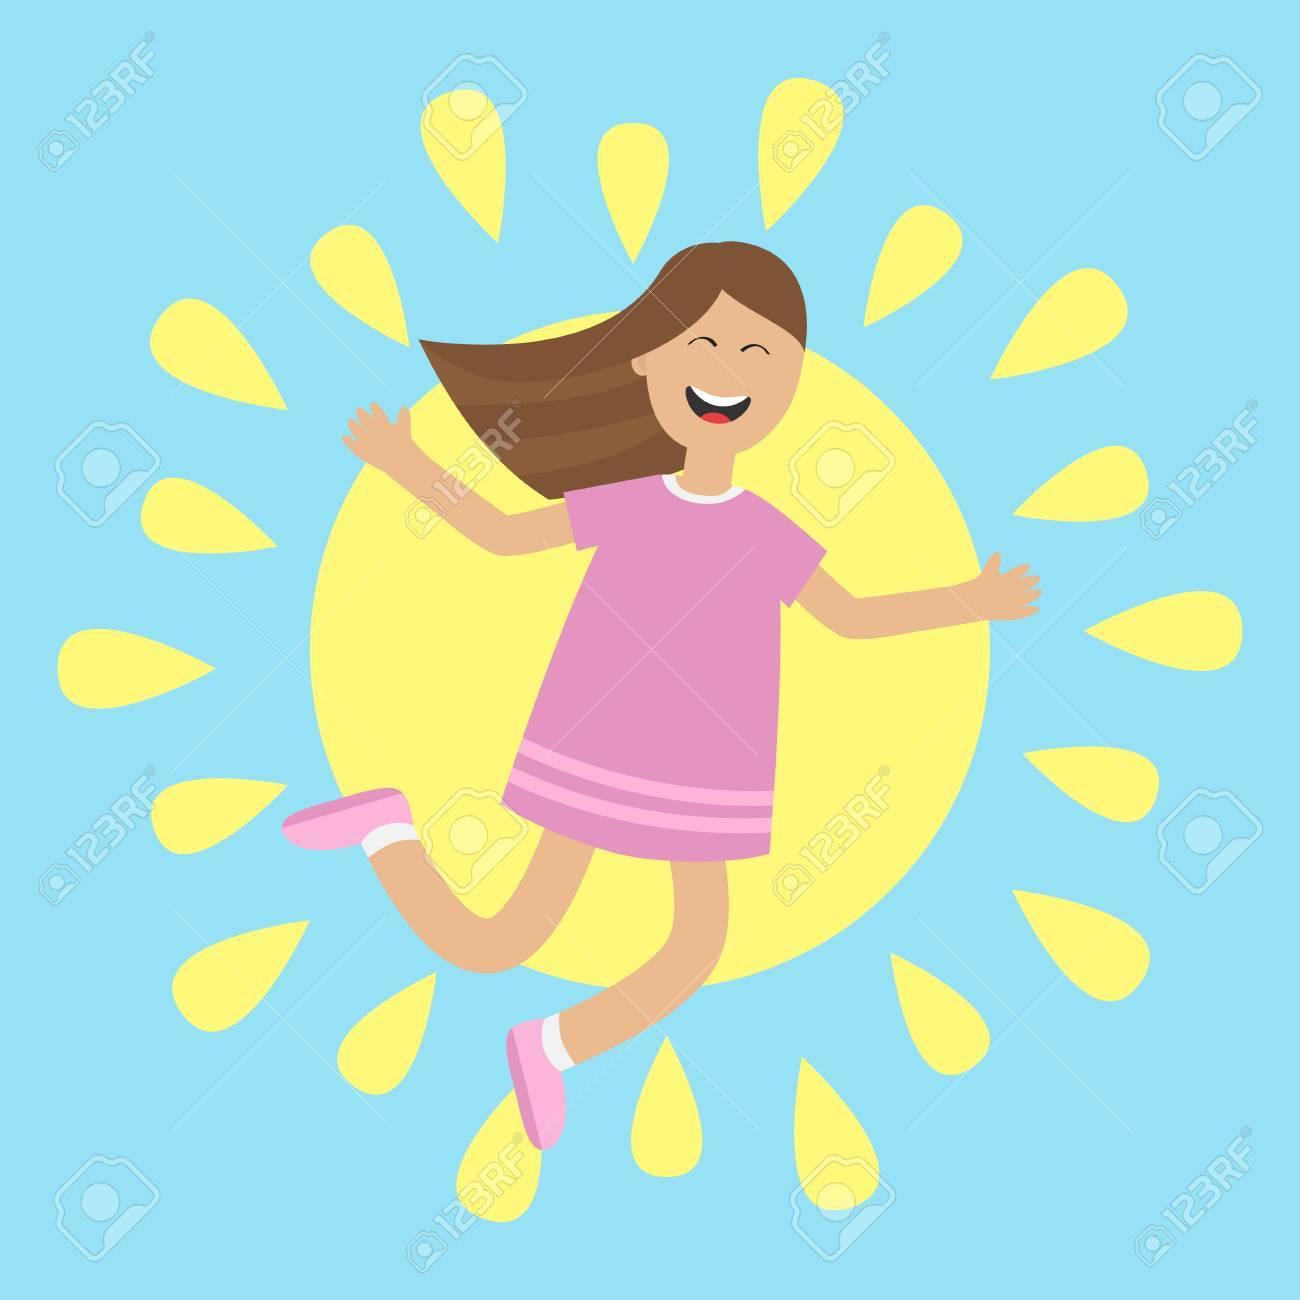 孤立したジャンプの女の子。太陽輝くアイコン。夏の時間。幸せな子供の